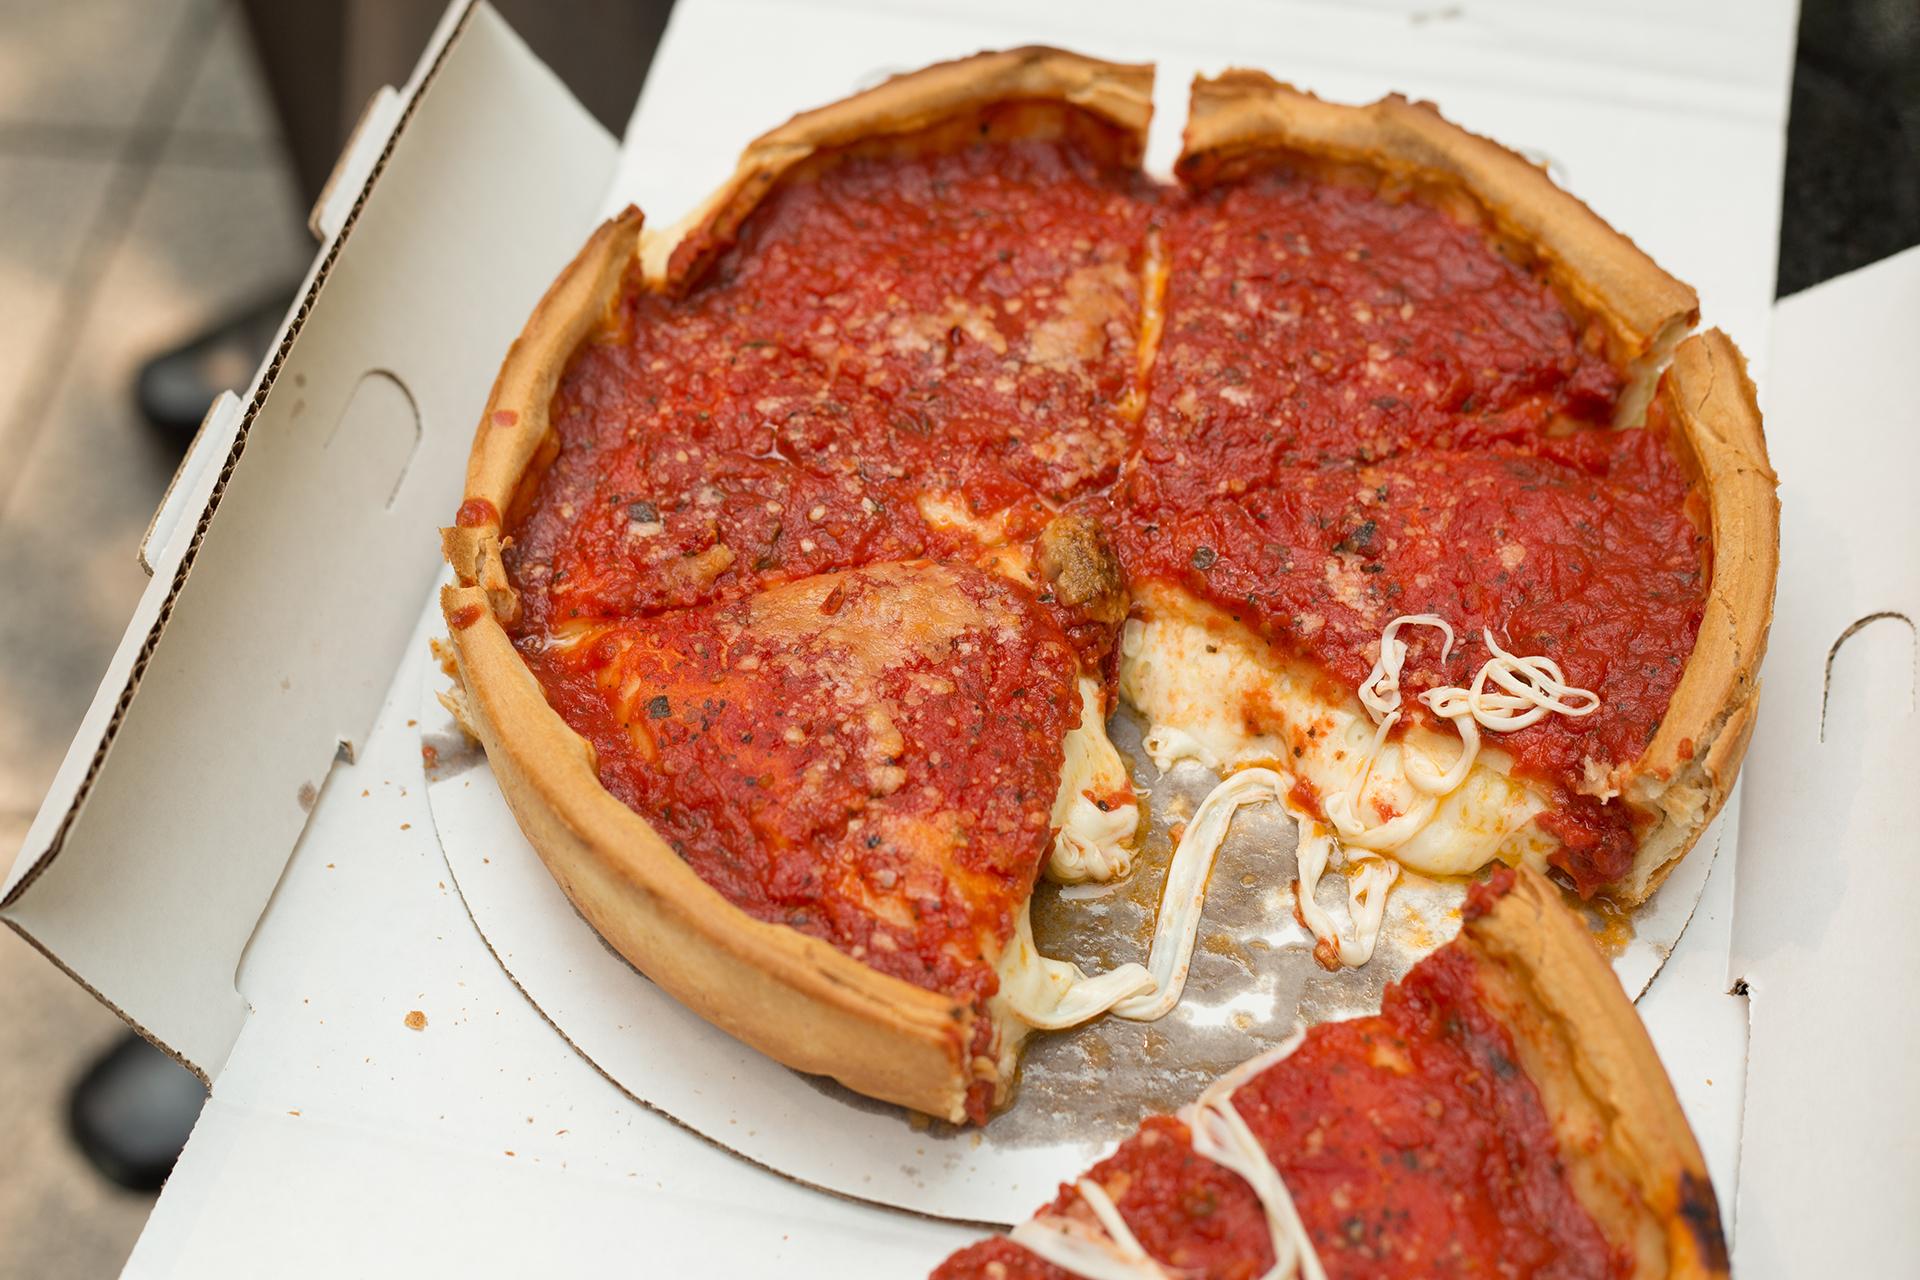 La pizza estilo Chicago se elabora tradicionalmente abierta, como la focaccia, y tiene una base de pan gruesa, honda y crujiente, rellena de queso y salsa de tomate en trozos